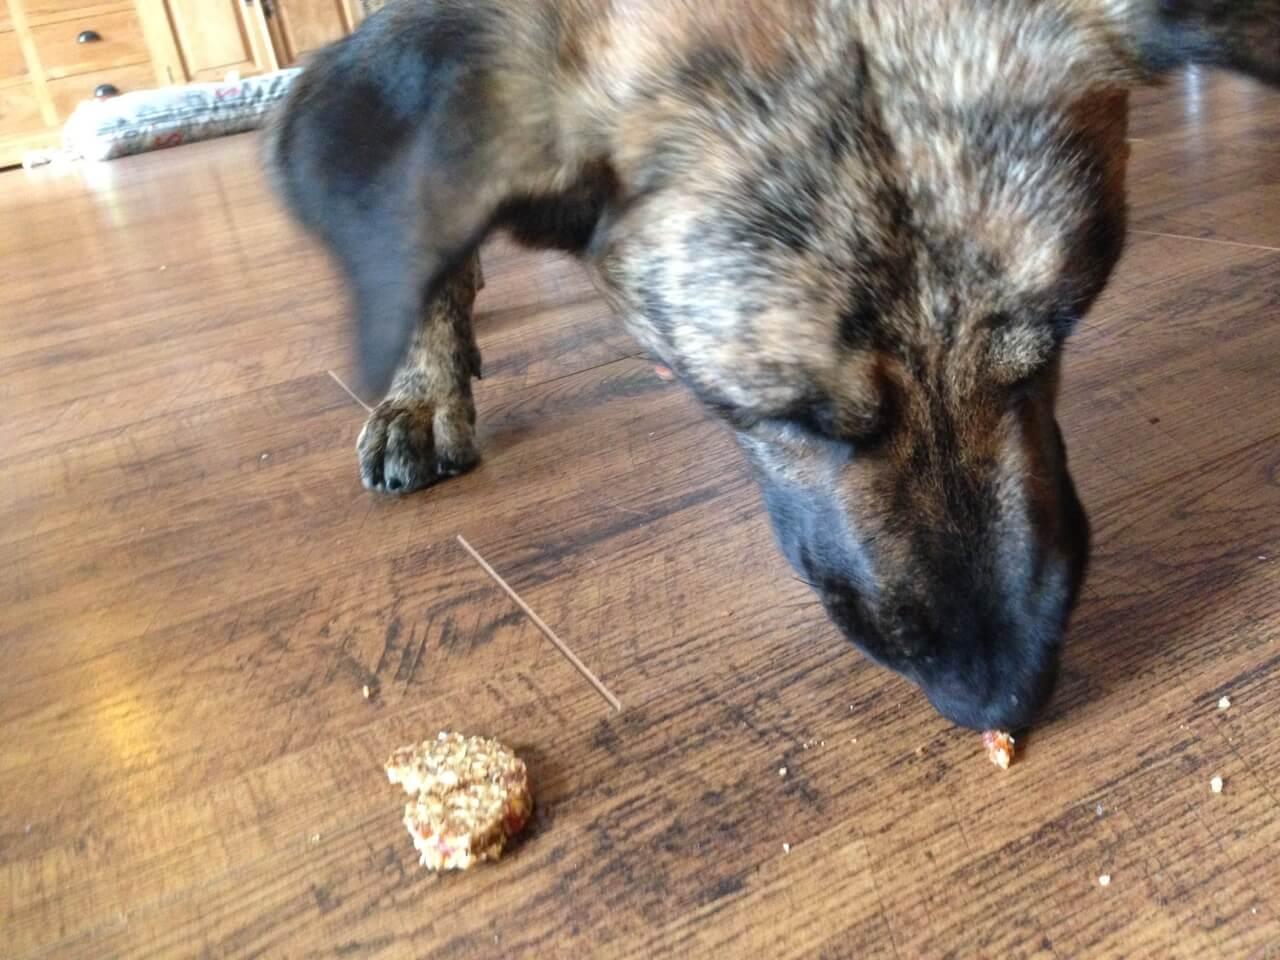 Ein Hund frisst einen Hundekeks